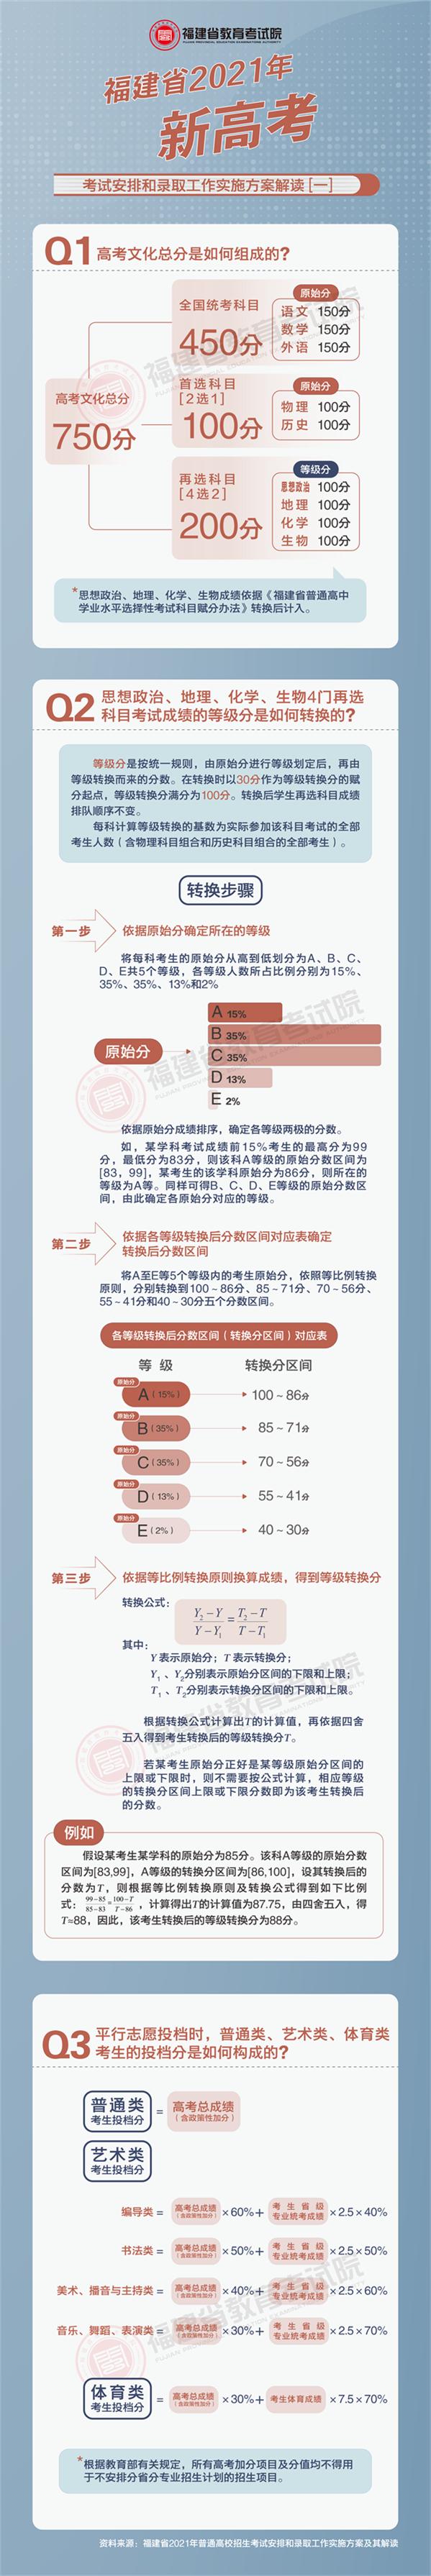 2021年福建省新高考考�安排和�取工作��施方案解�x(一)